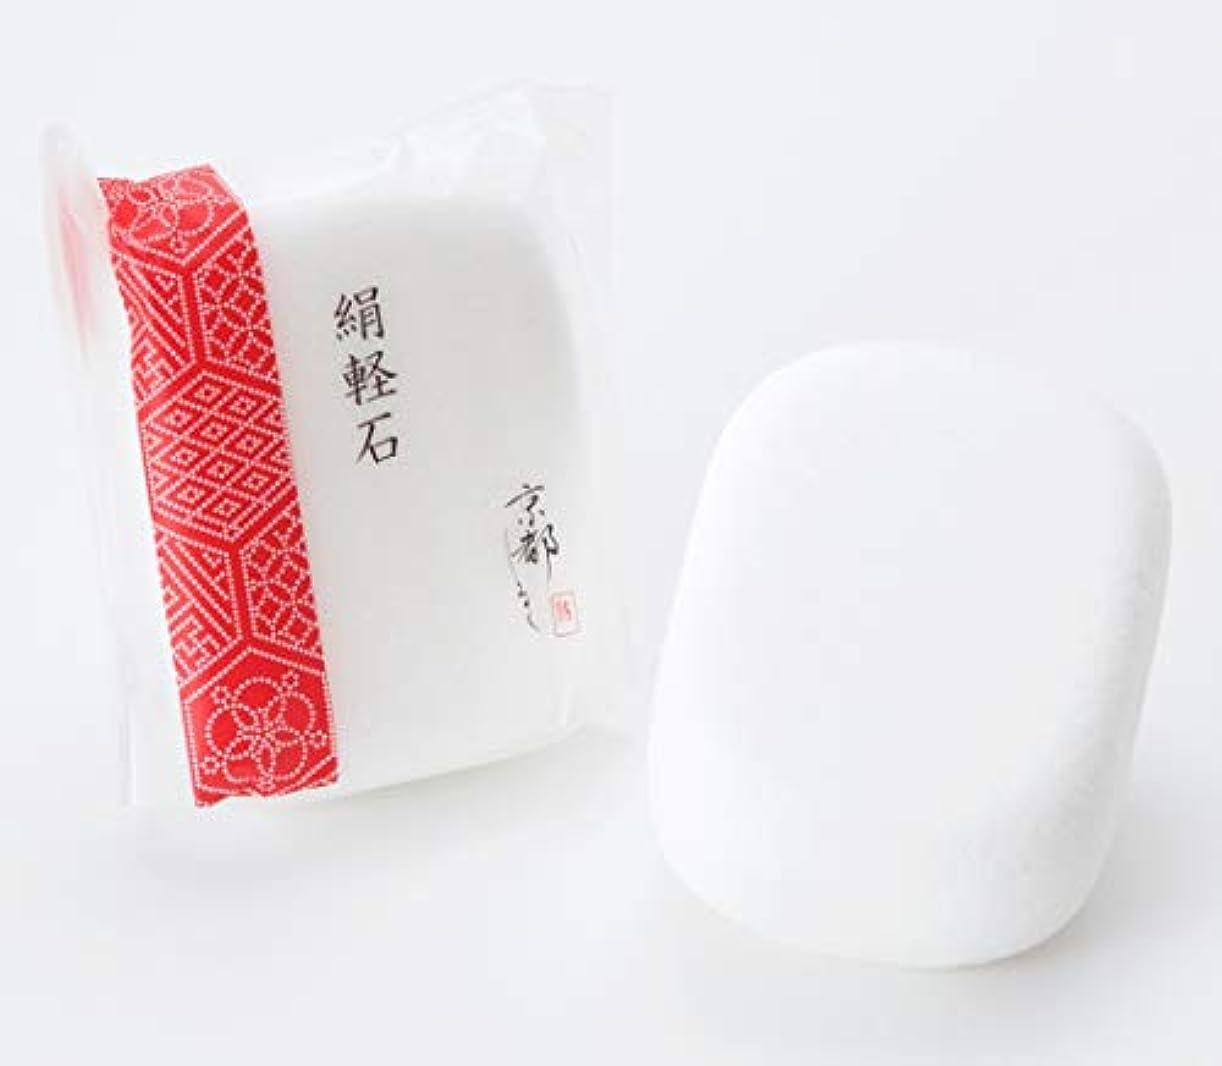 子供時代セージ京都しるく シルクの軽石【保湿成分シルクパウダー配合】/かかとの角質を落としてツルツル素足に 絹軽石 かかとキレイ かかとつるつる